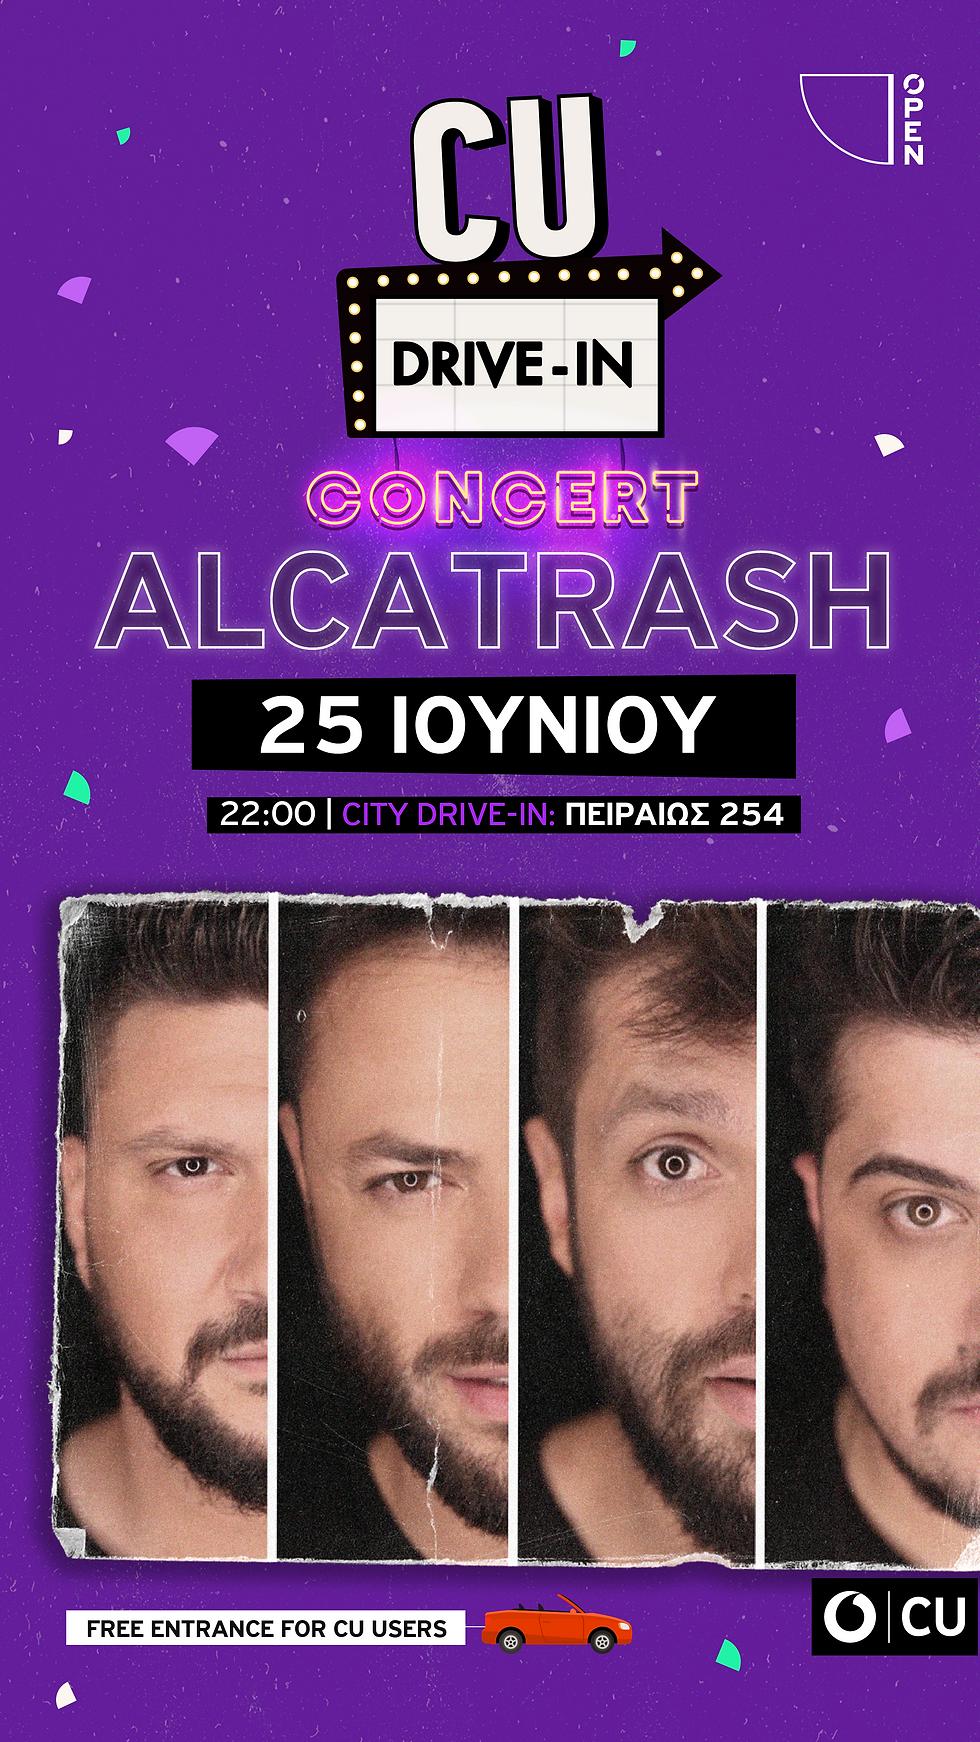 CU Drive-in Concert | Alcatrash